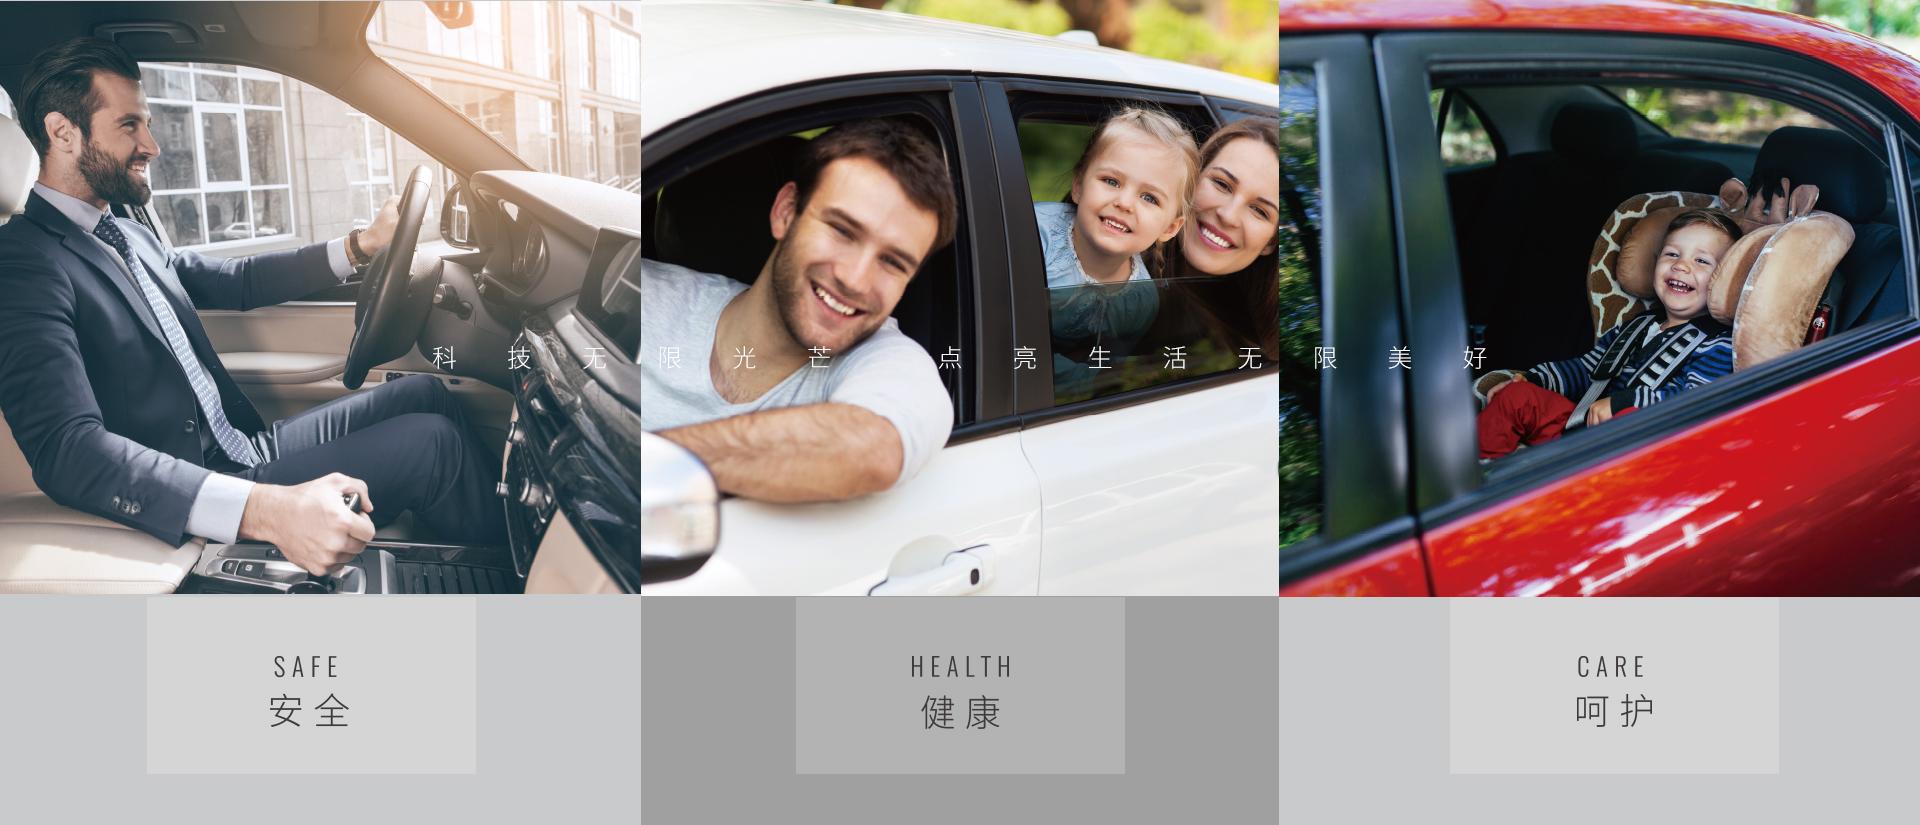 隔热窗膜,漆面保护膜,汽车改色膜